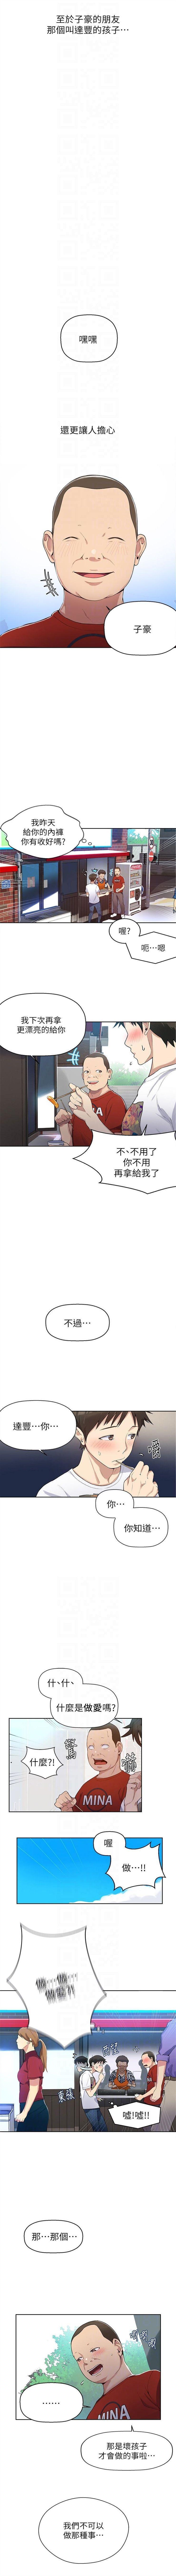 (週6)秘密教學  1-35 中文翻譯 (更新中) 19